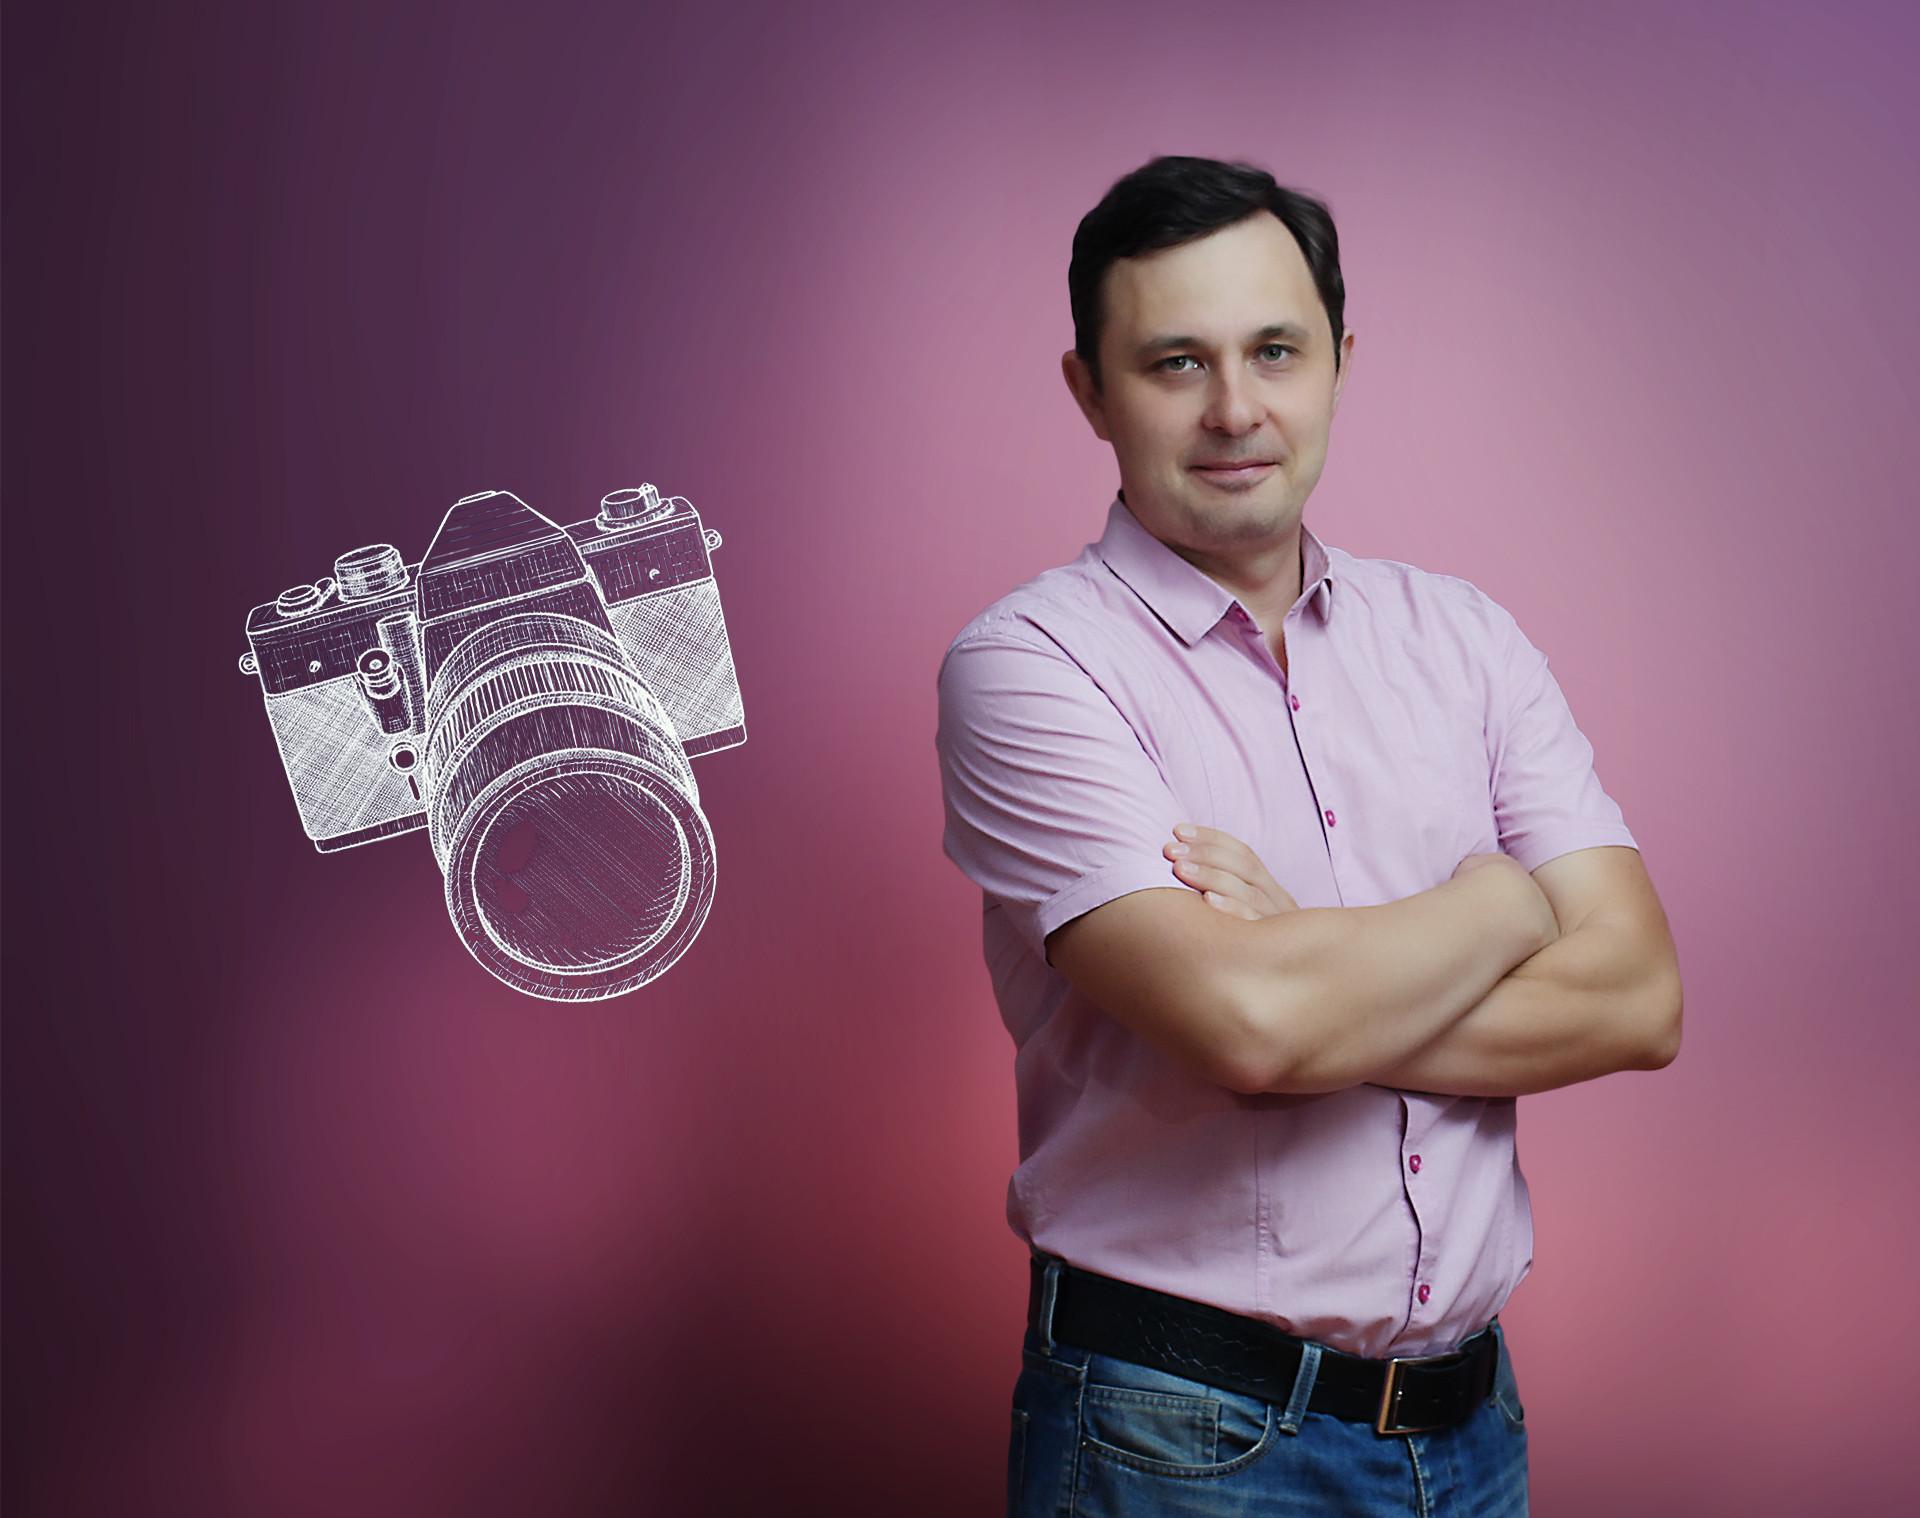 Фотографы фрилансеры санкт-петербург работа автору удаленно